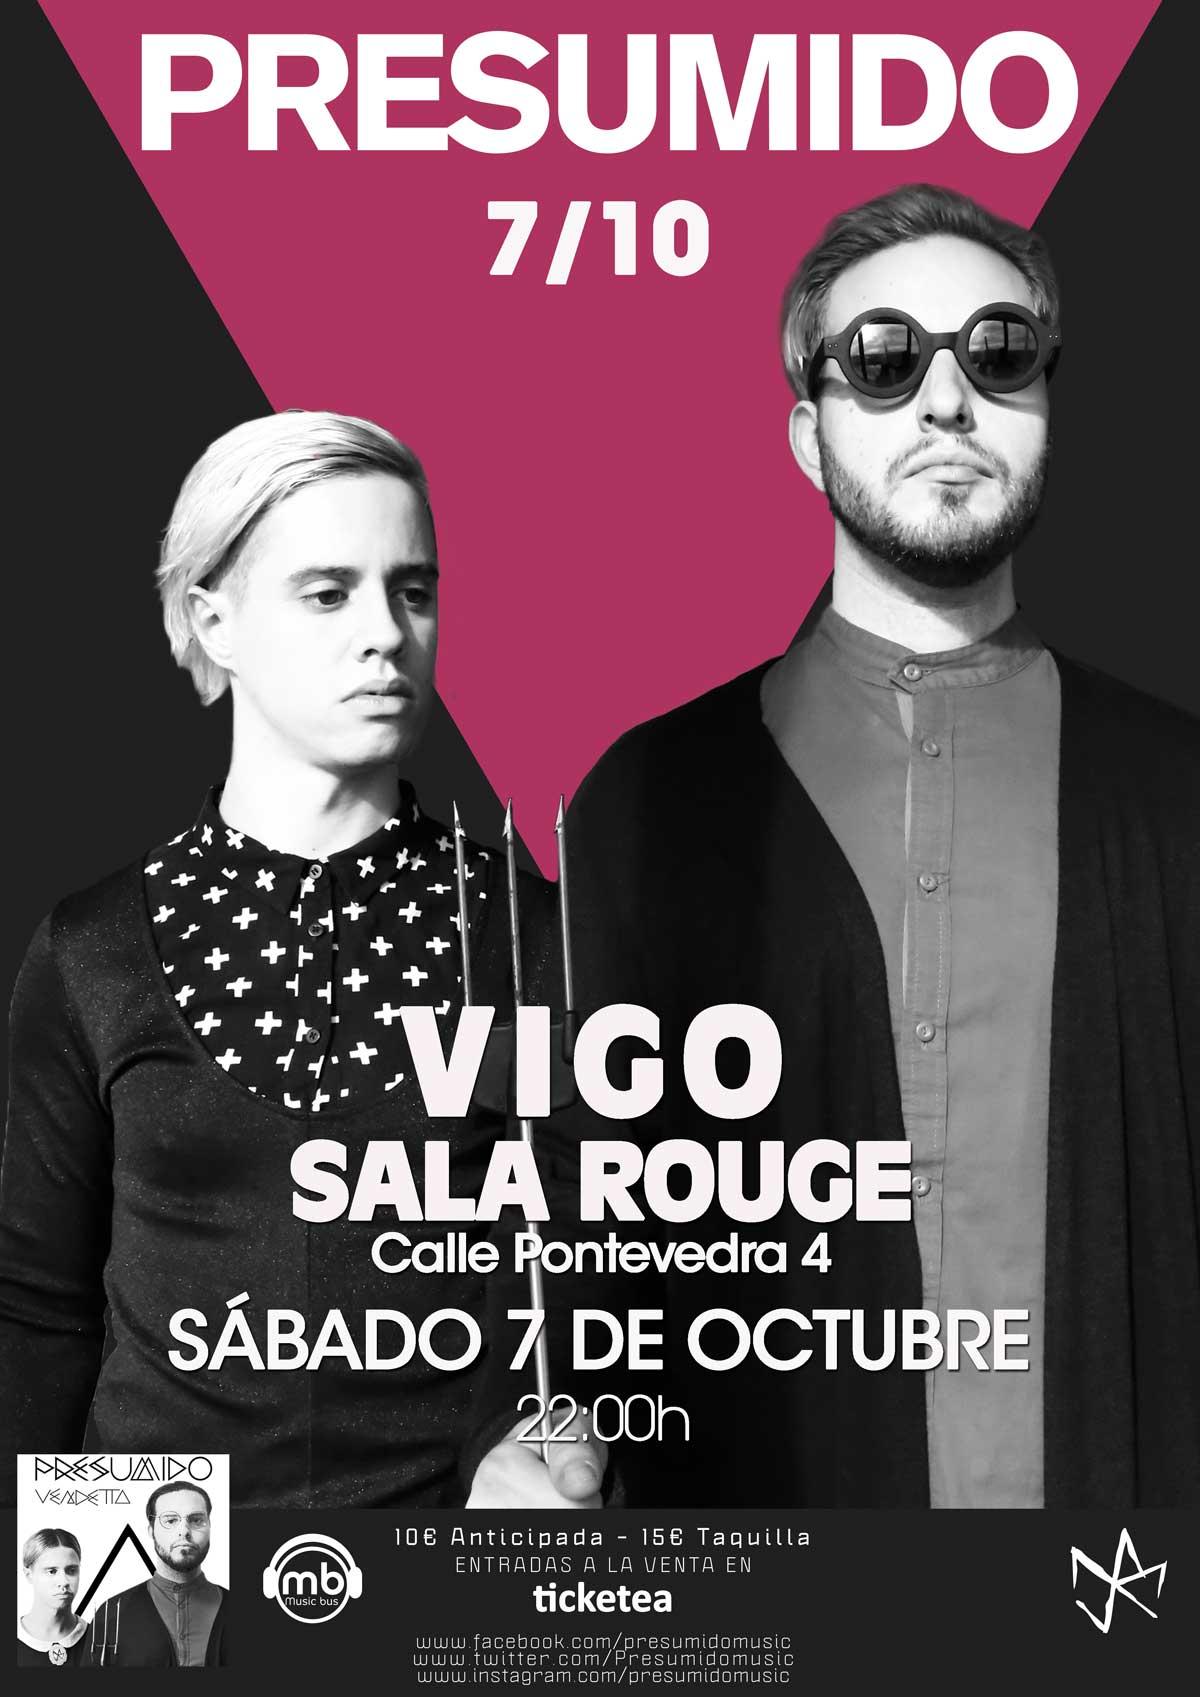 Presumido en concierto en vigo qu hacer en vigo for Sala rouge vigo